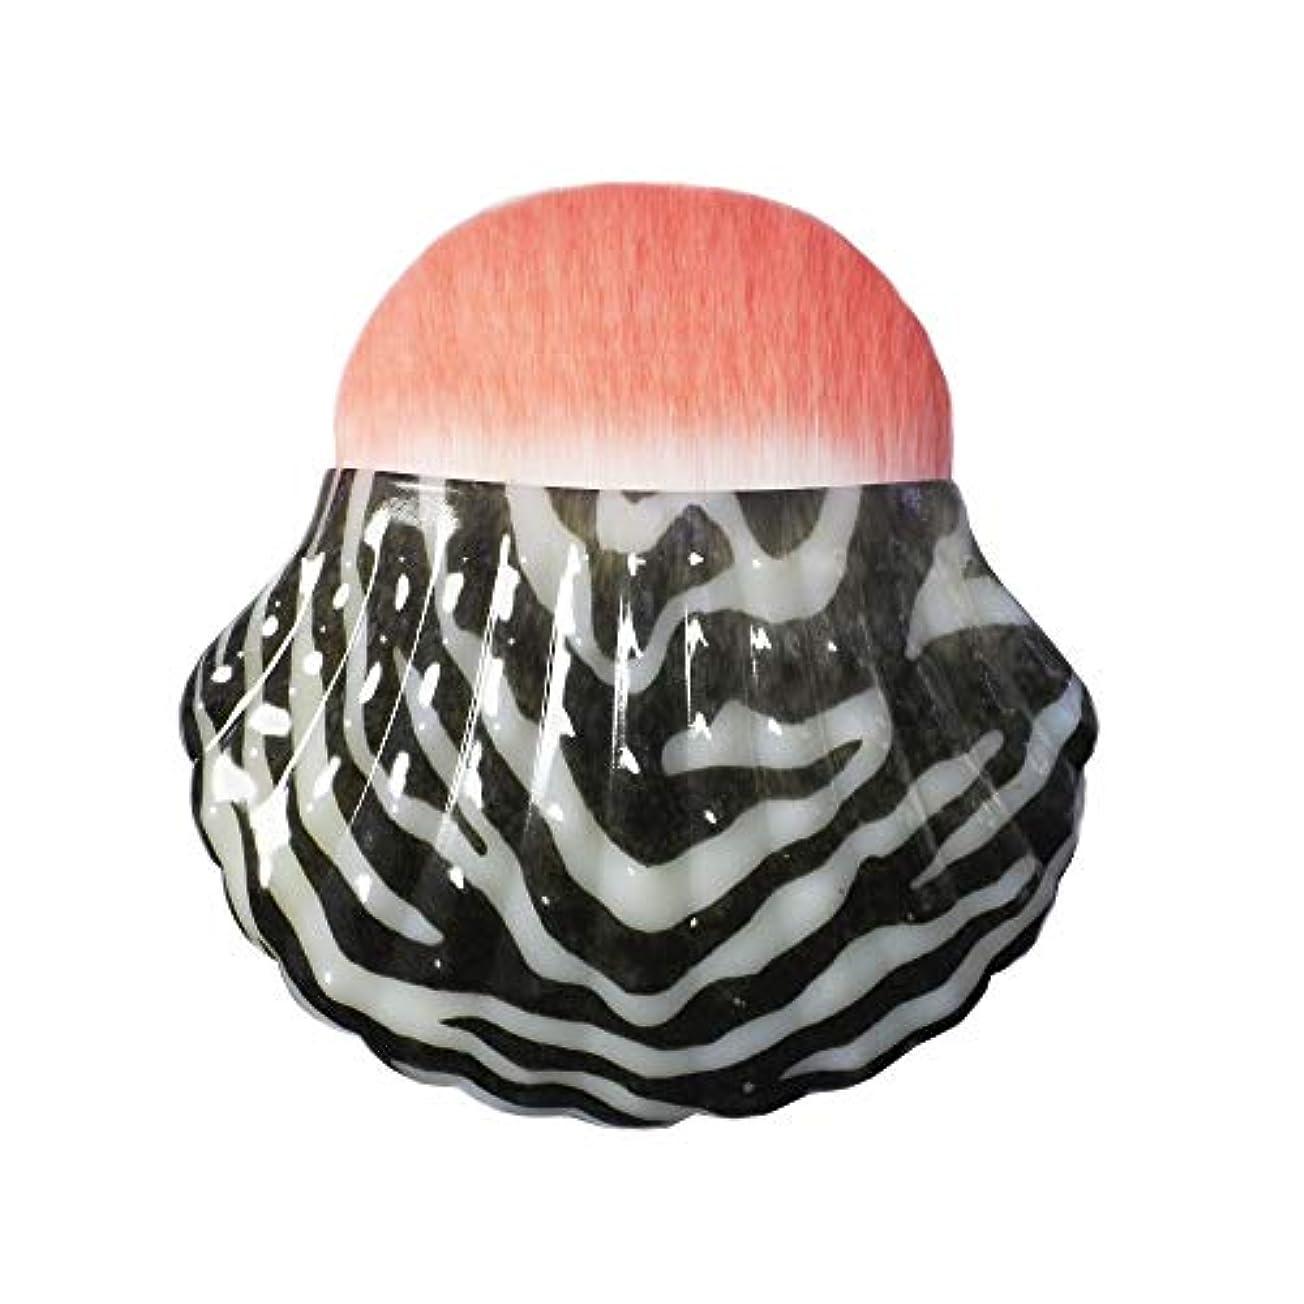 おんどり魔術クローゼットMakeup brushes 黒と白のパターン、個々のシェルタイプブラッシュブラシ美容メイクブラシツールポータブル多機能メイクブラシ suits (Color : Leopard)